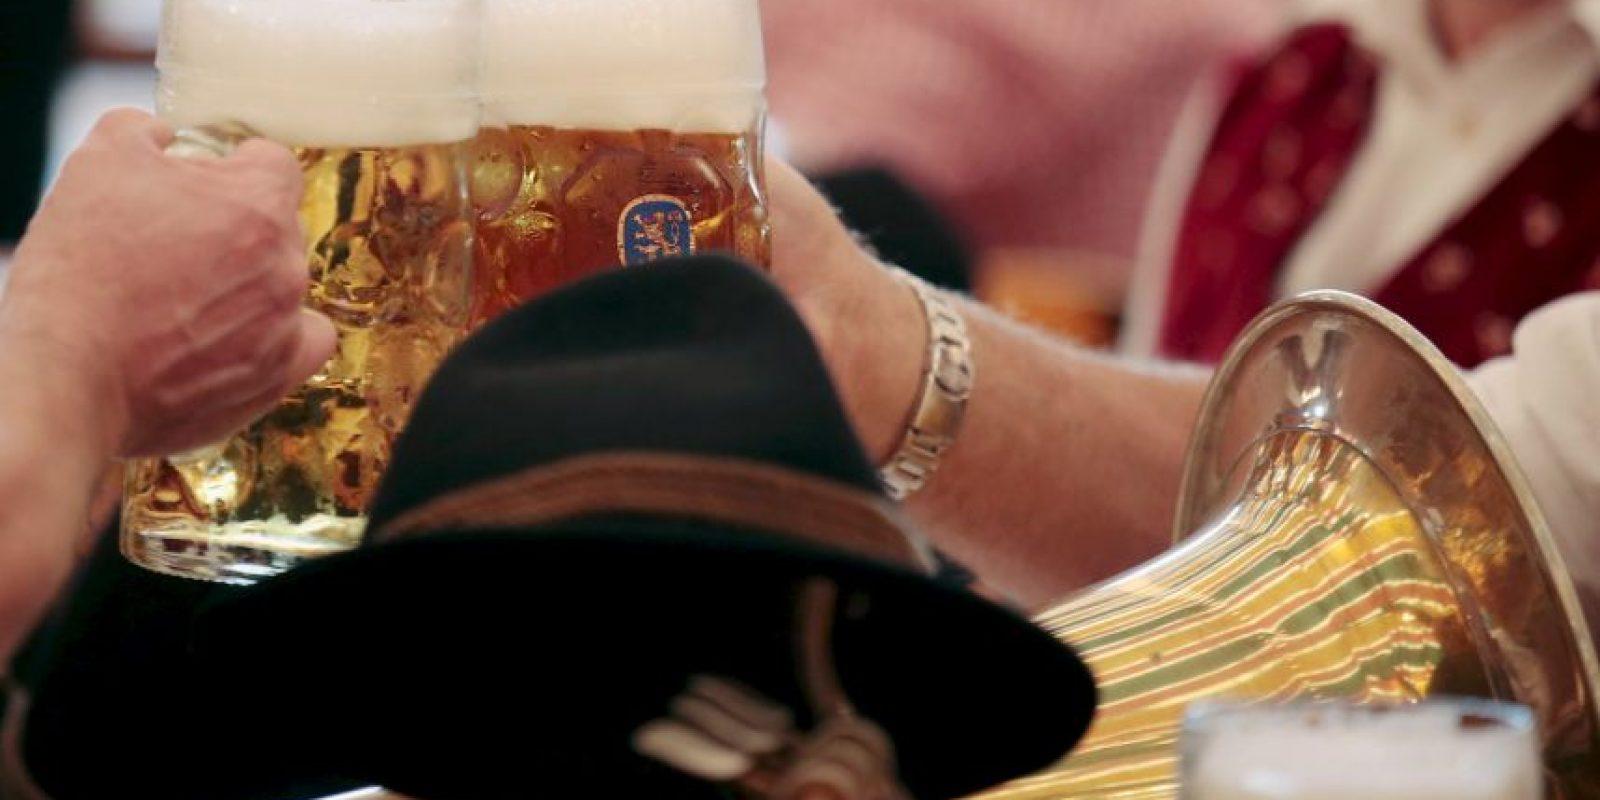 Si bebemos en un momento difícil o triste, es sumamente probable aumentar ese sentimiento. Foto:Getty Images